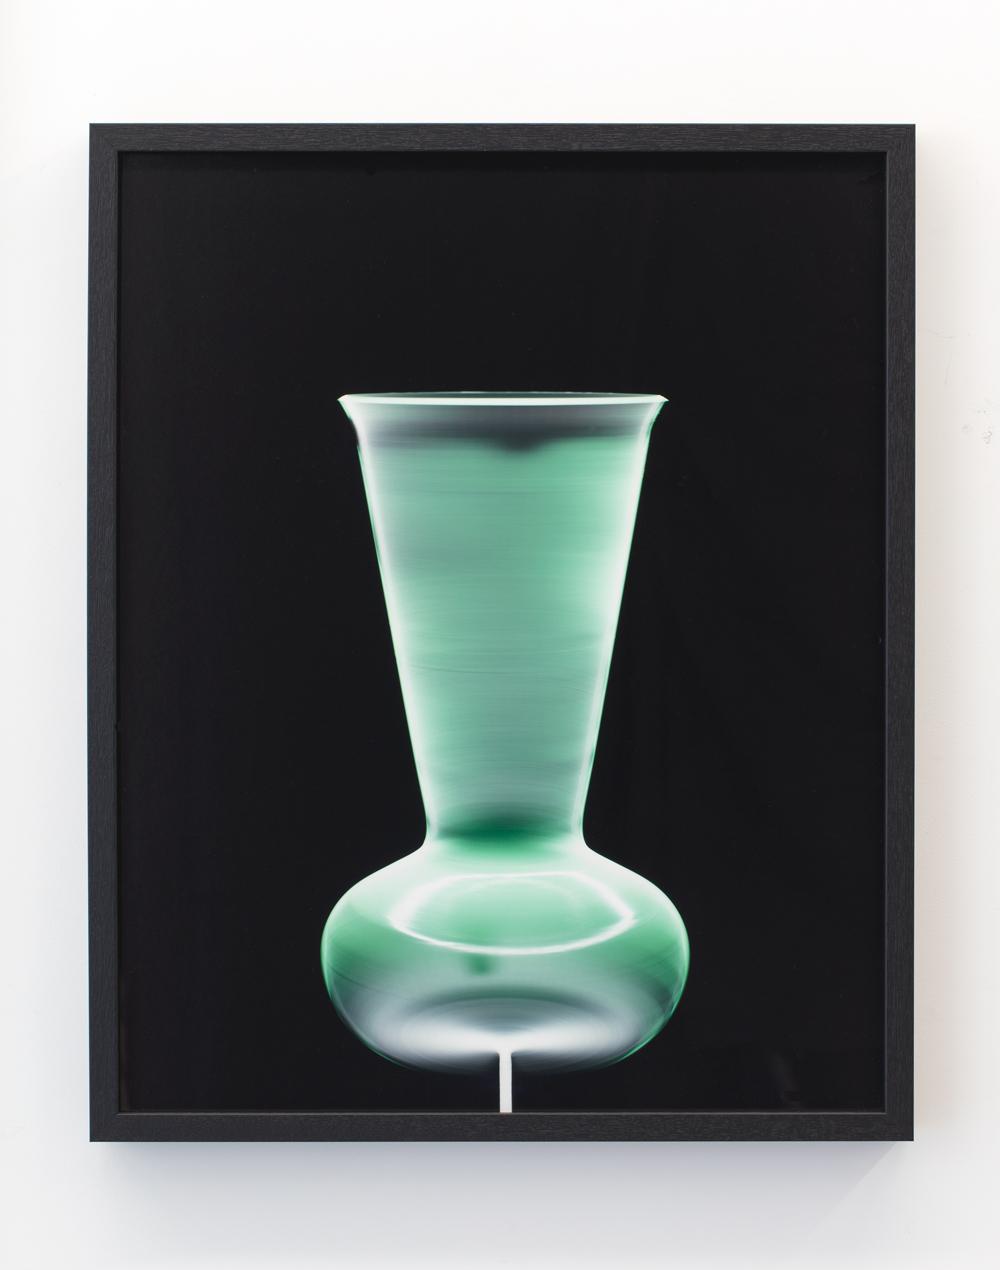 Vase #05 - 2016